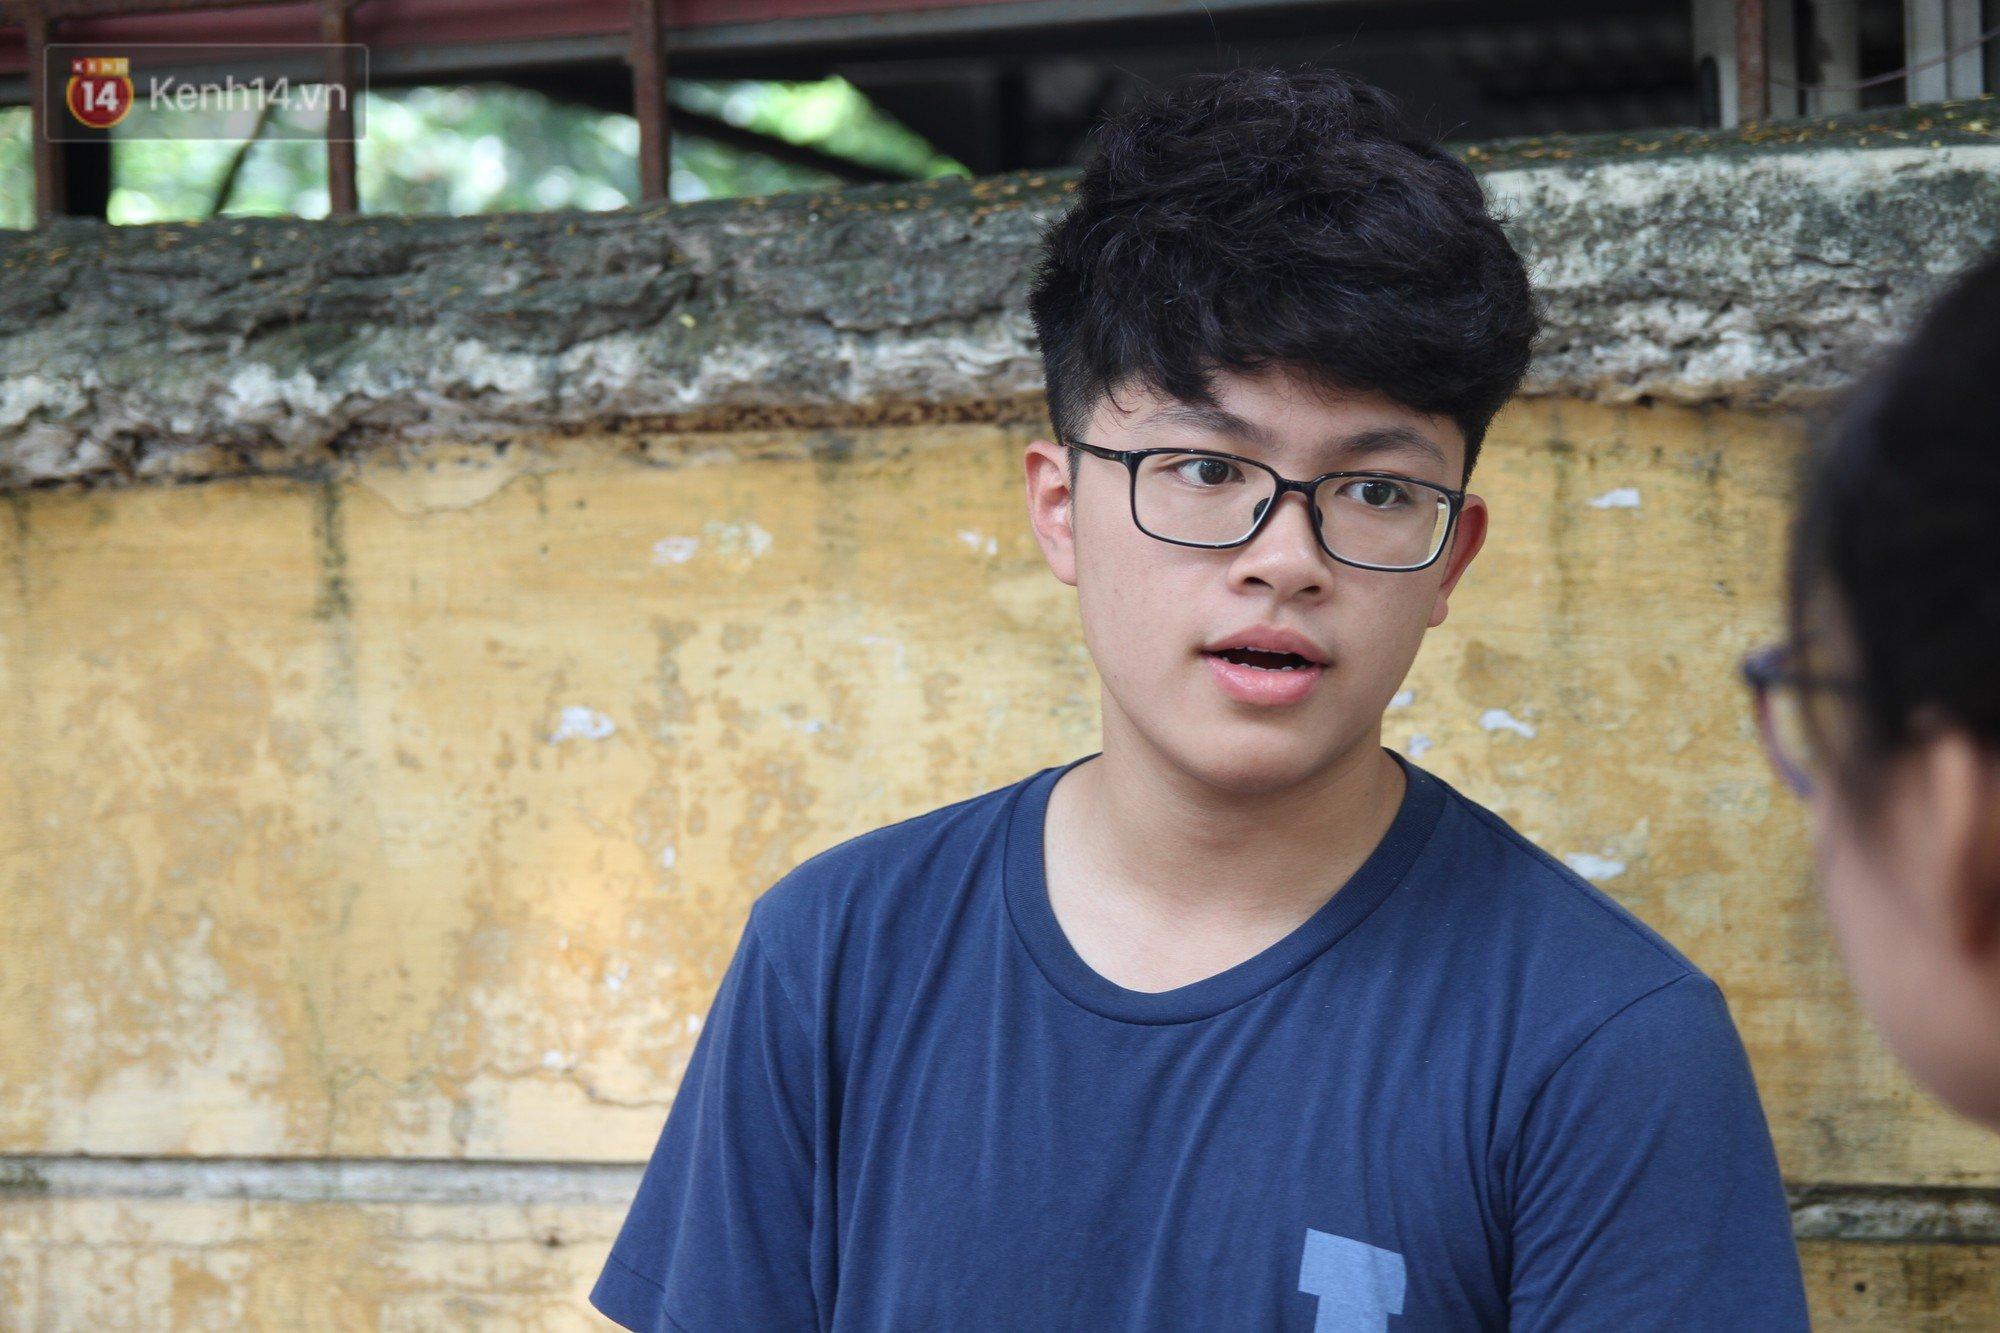 Người Hà Nội nói về việc thành phố muốn người dân từ bỏ thói quen ăn thịt chó: Yêu và ăn là 2 chuyện khác nhau - Ảnh 5.